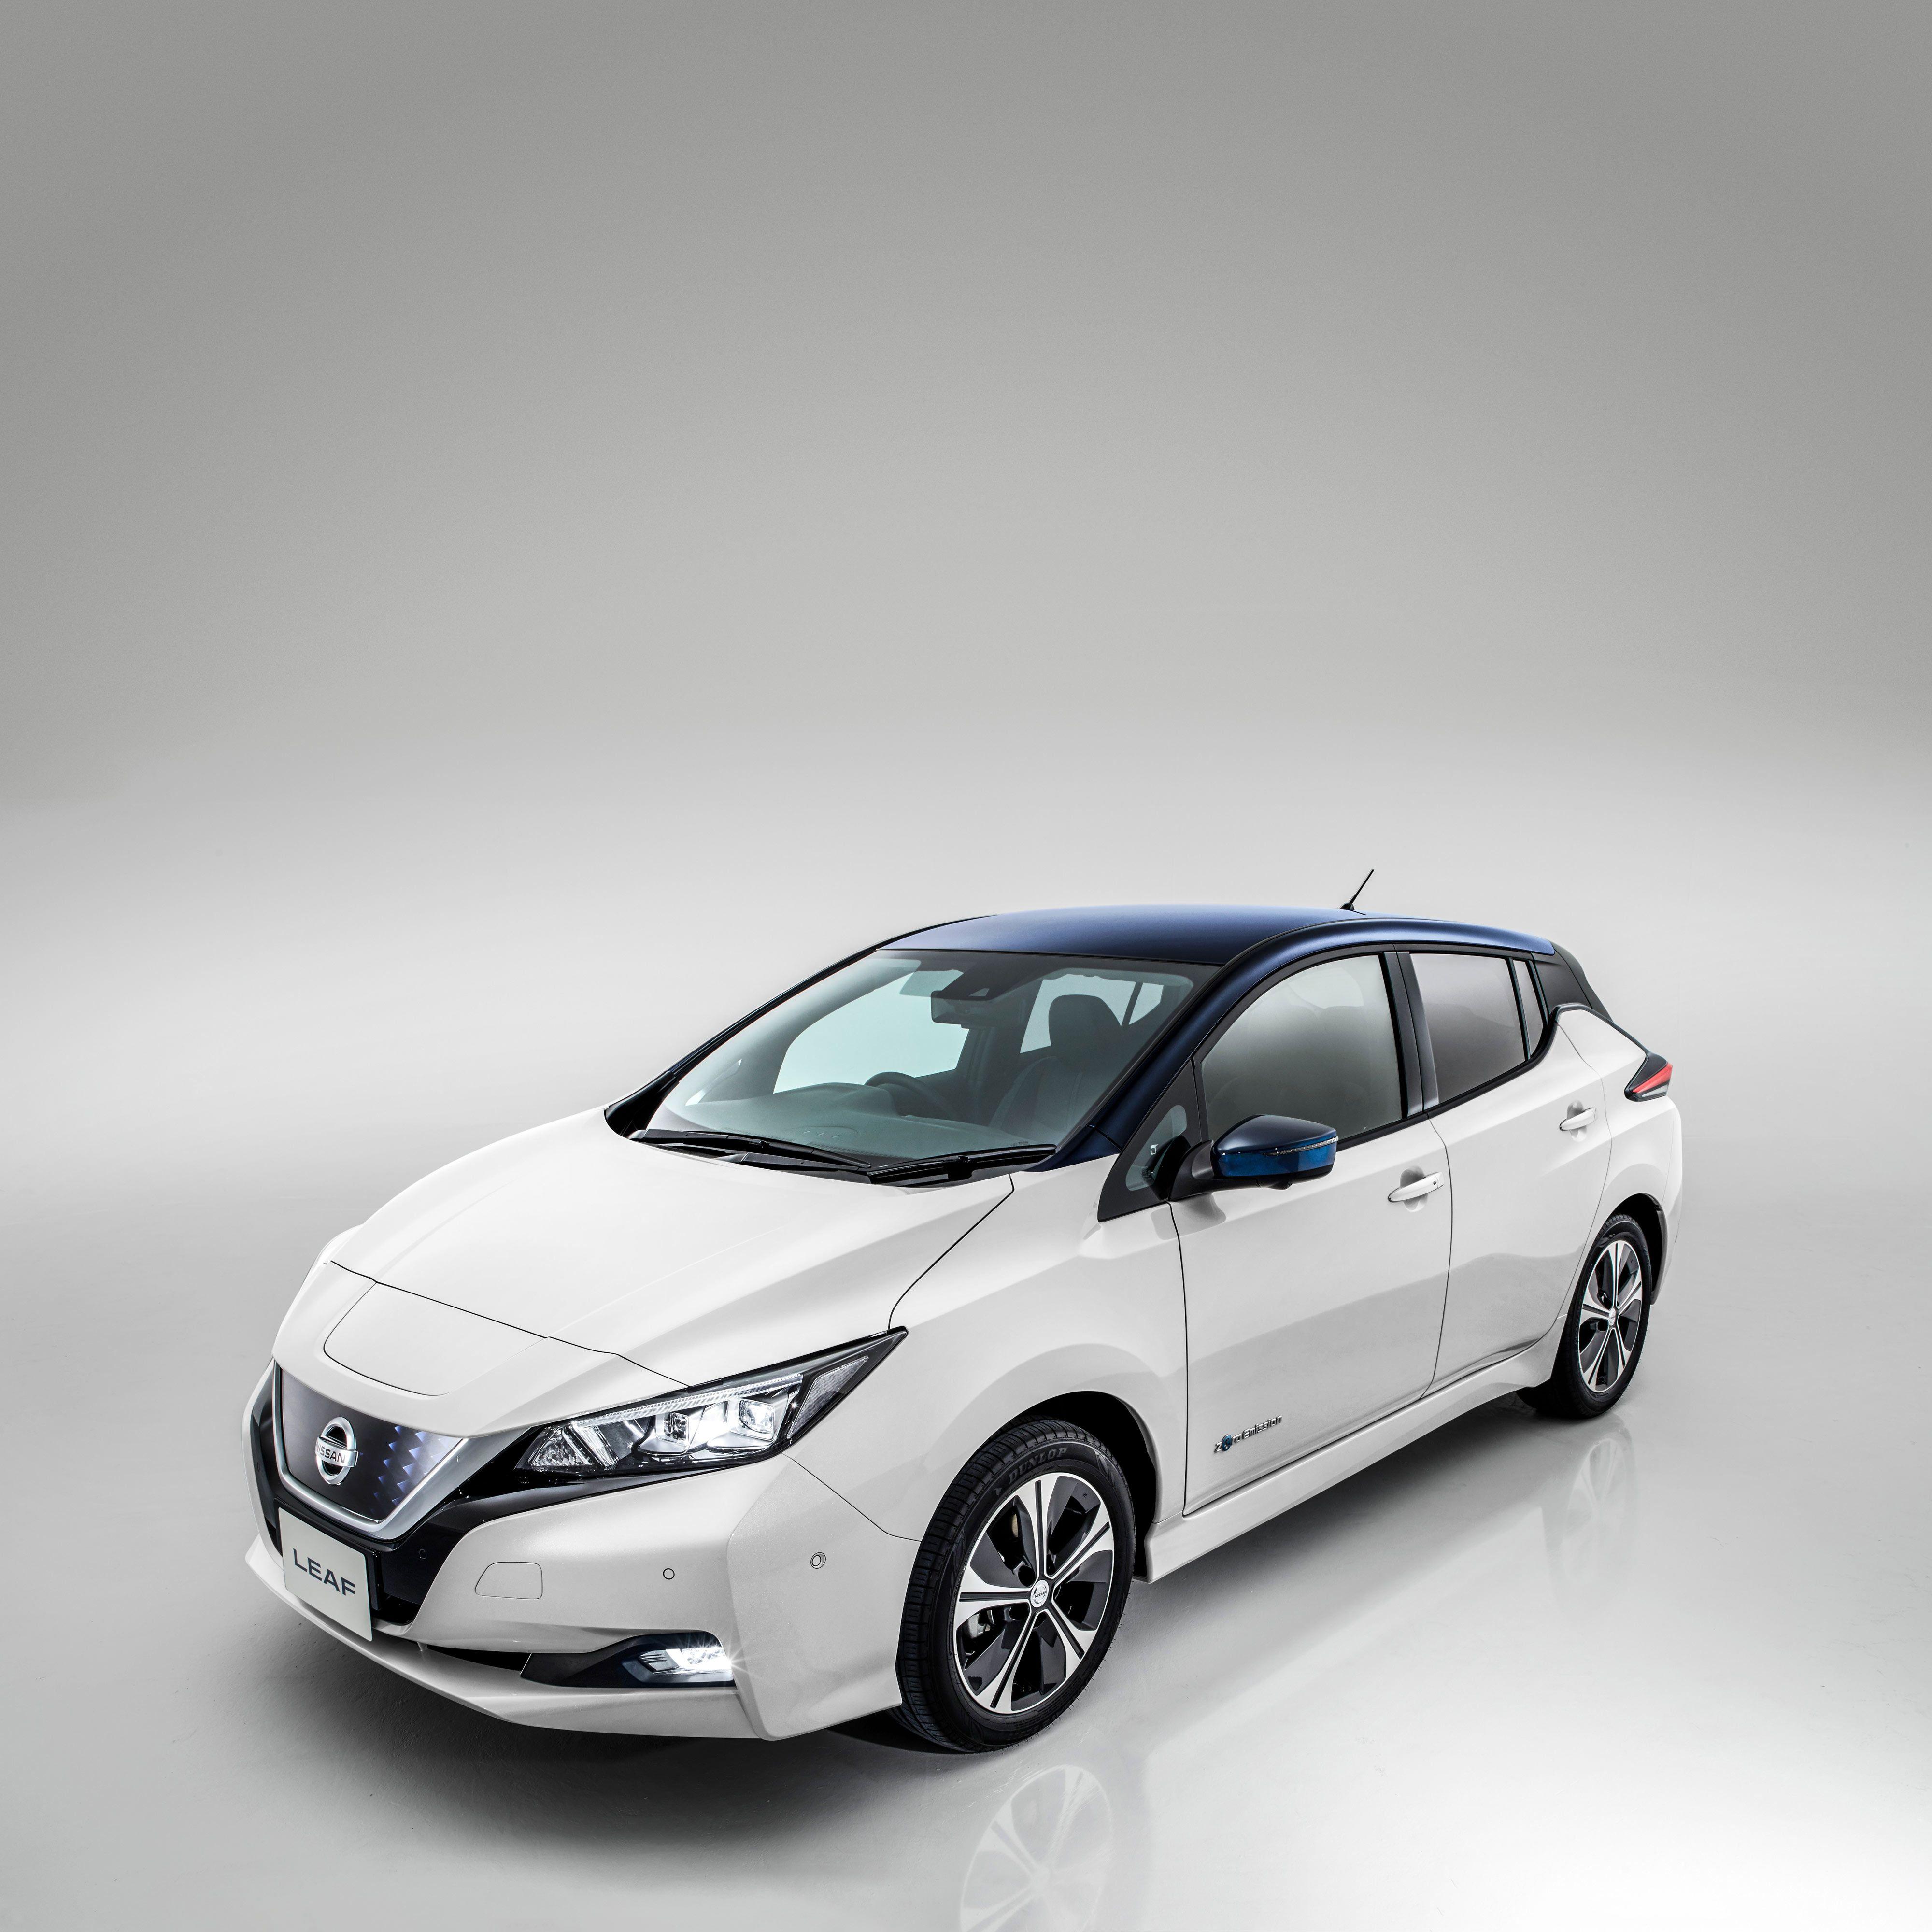 Nissan leaf availability